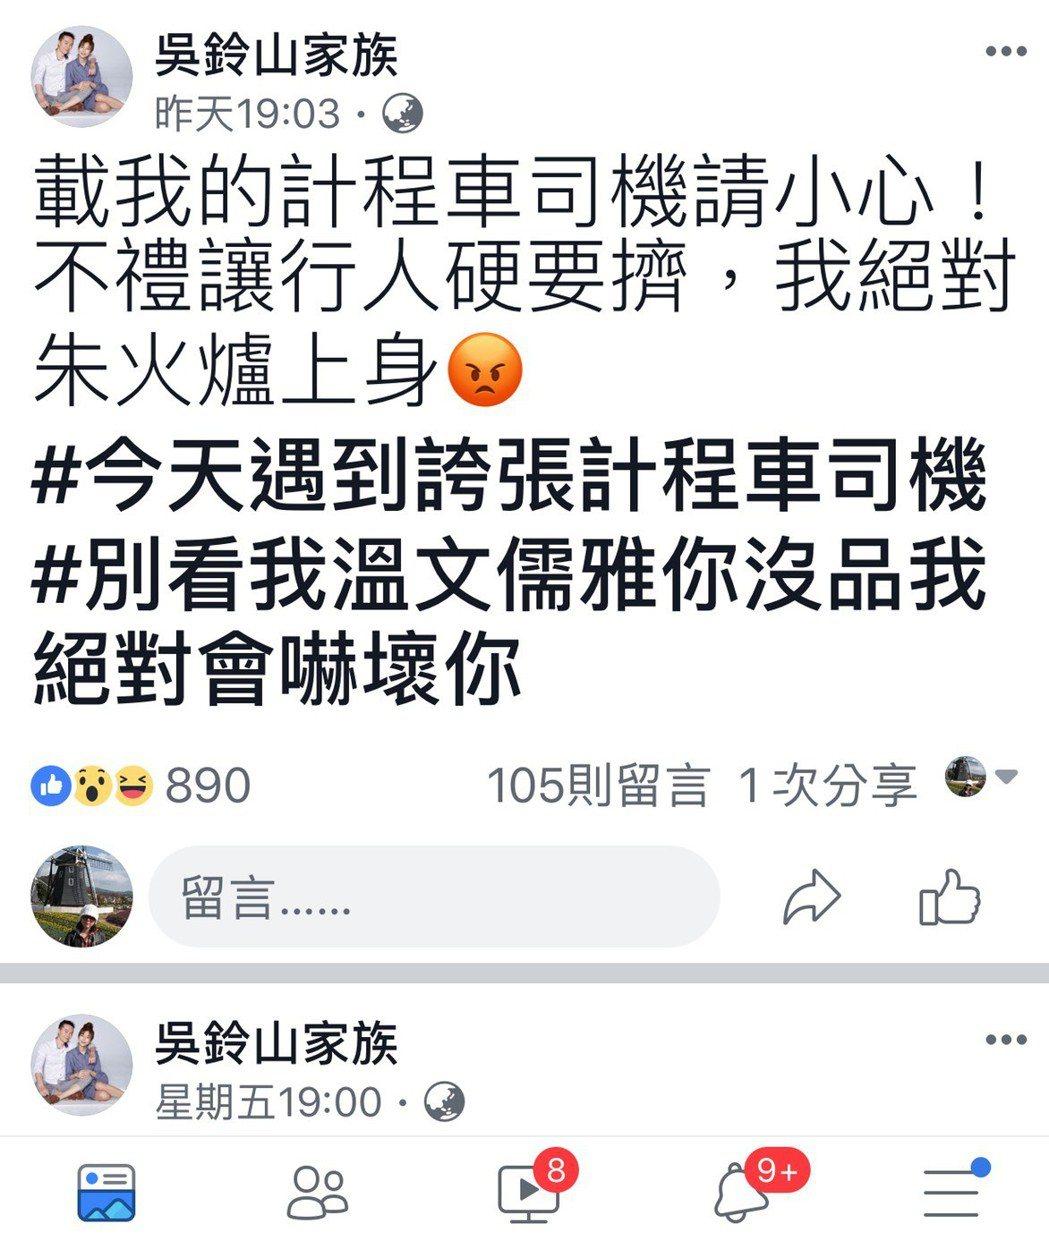 吳鈴山在臉書火大發文。圖/摘自臉書